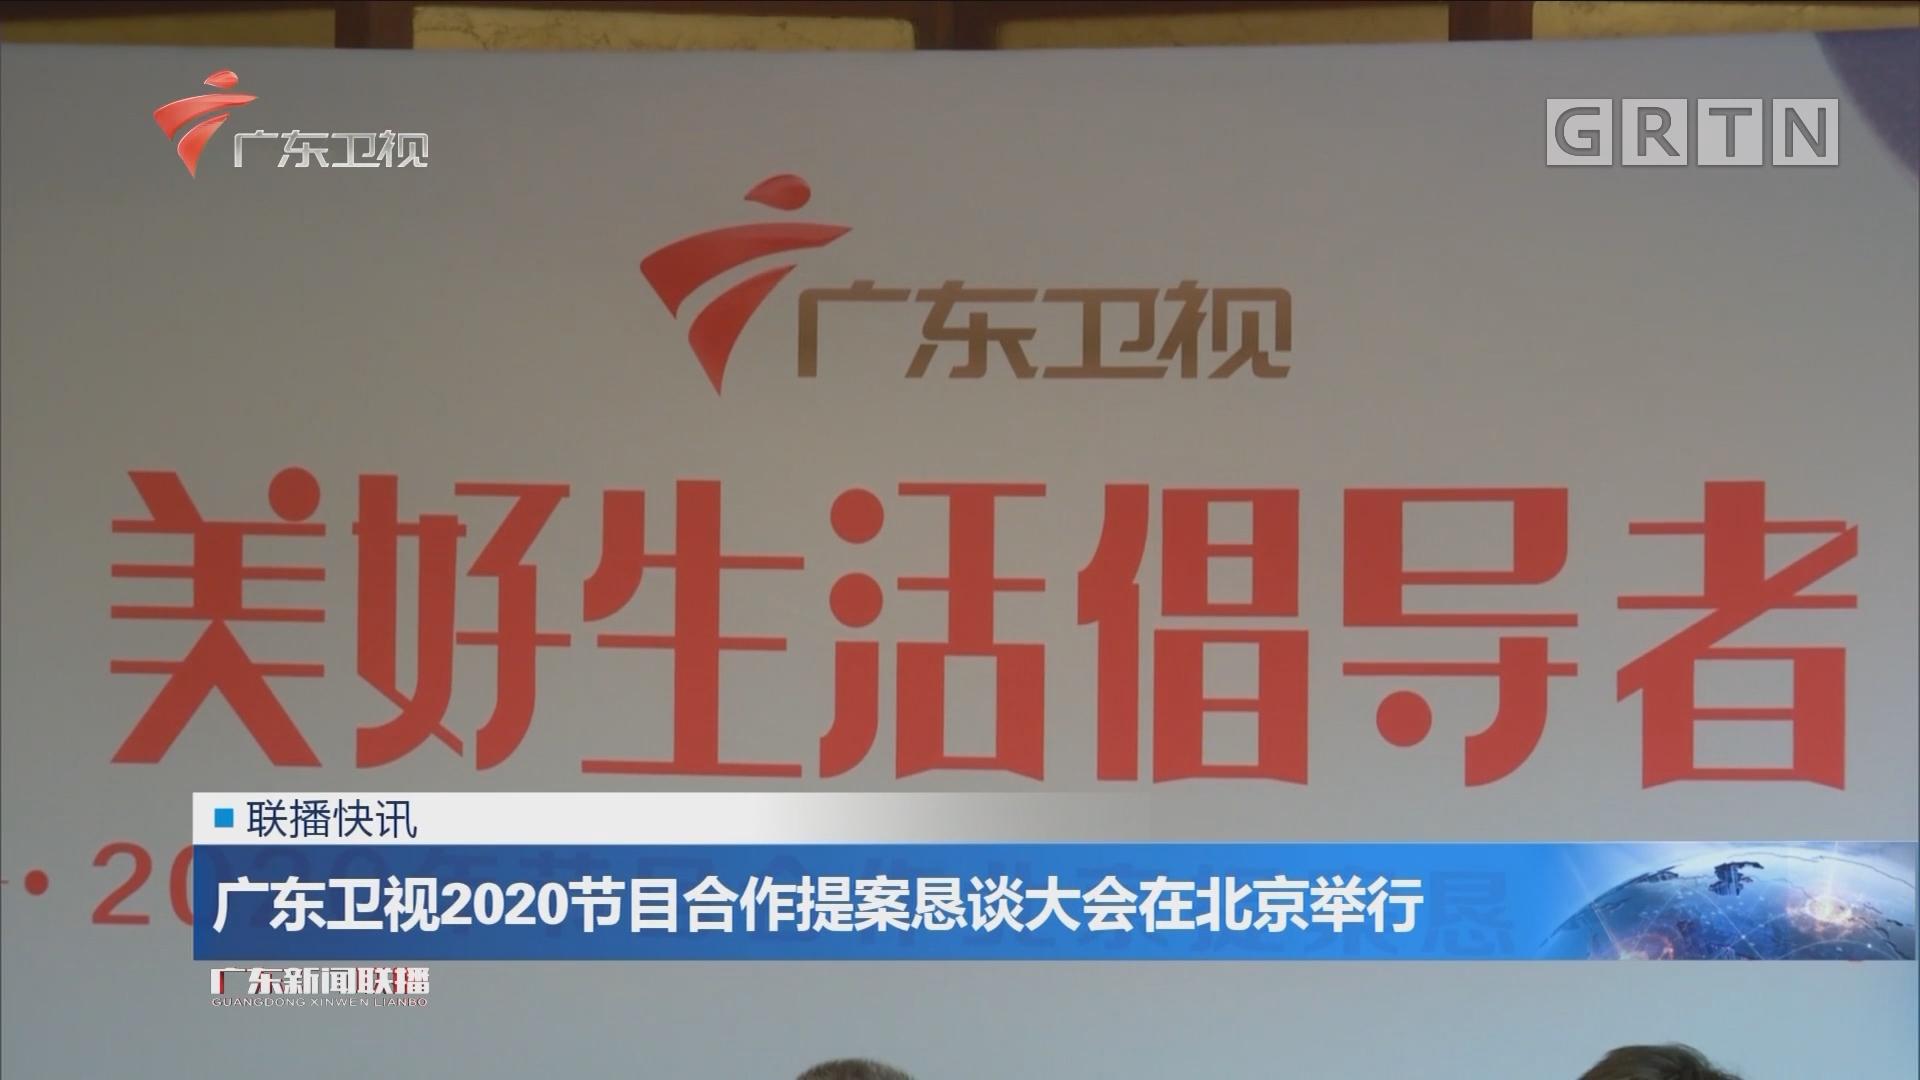 廣東衛視2020節目合作提案懇談大會在北京舉行